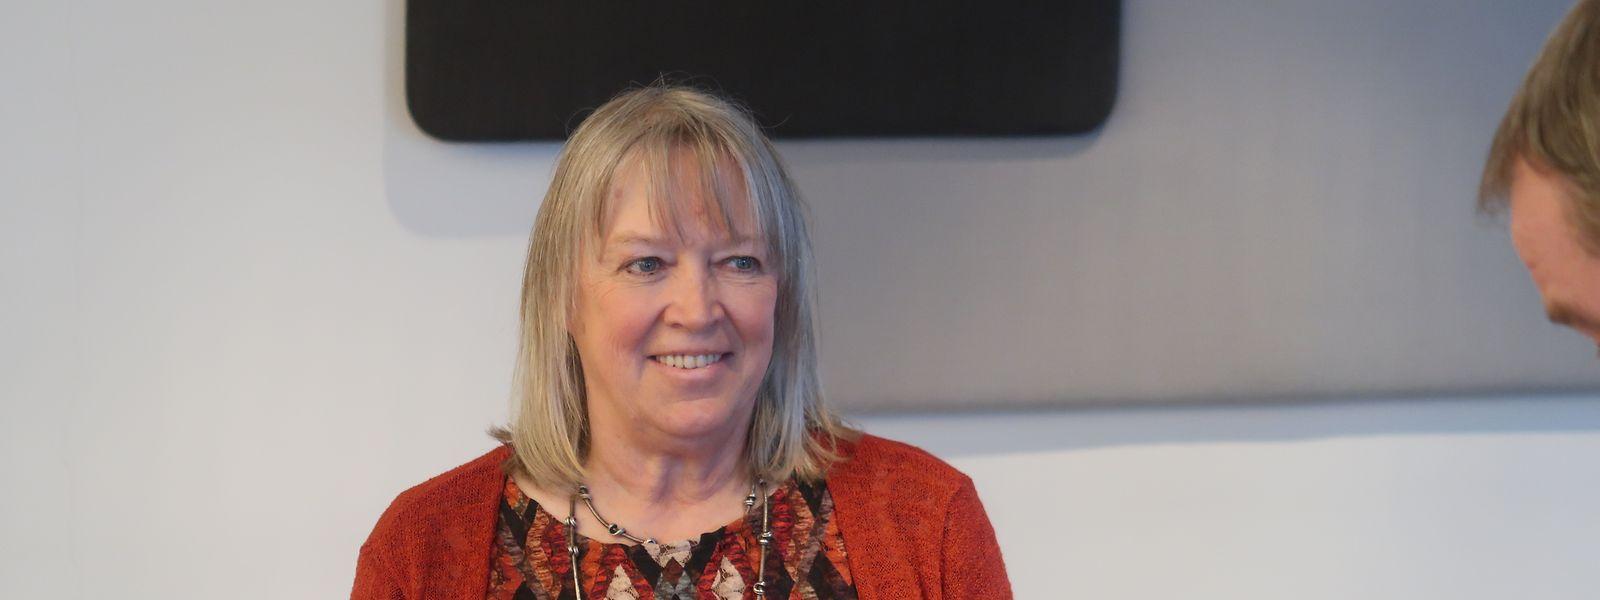 Antoinette Beck-Stiefer wurde am Mittwoch als neues Ratsmitglied von Bürgermeister Michel Wolter in der Gemeinde Käerjeng vereidigt.